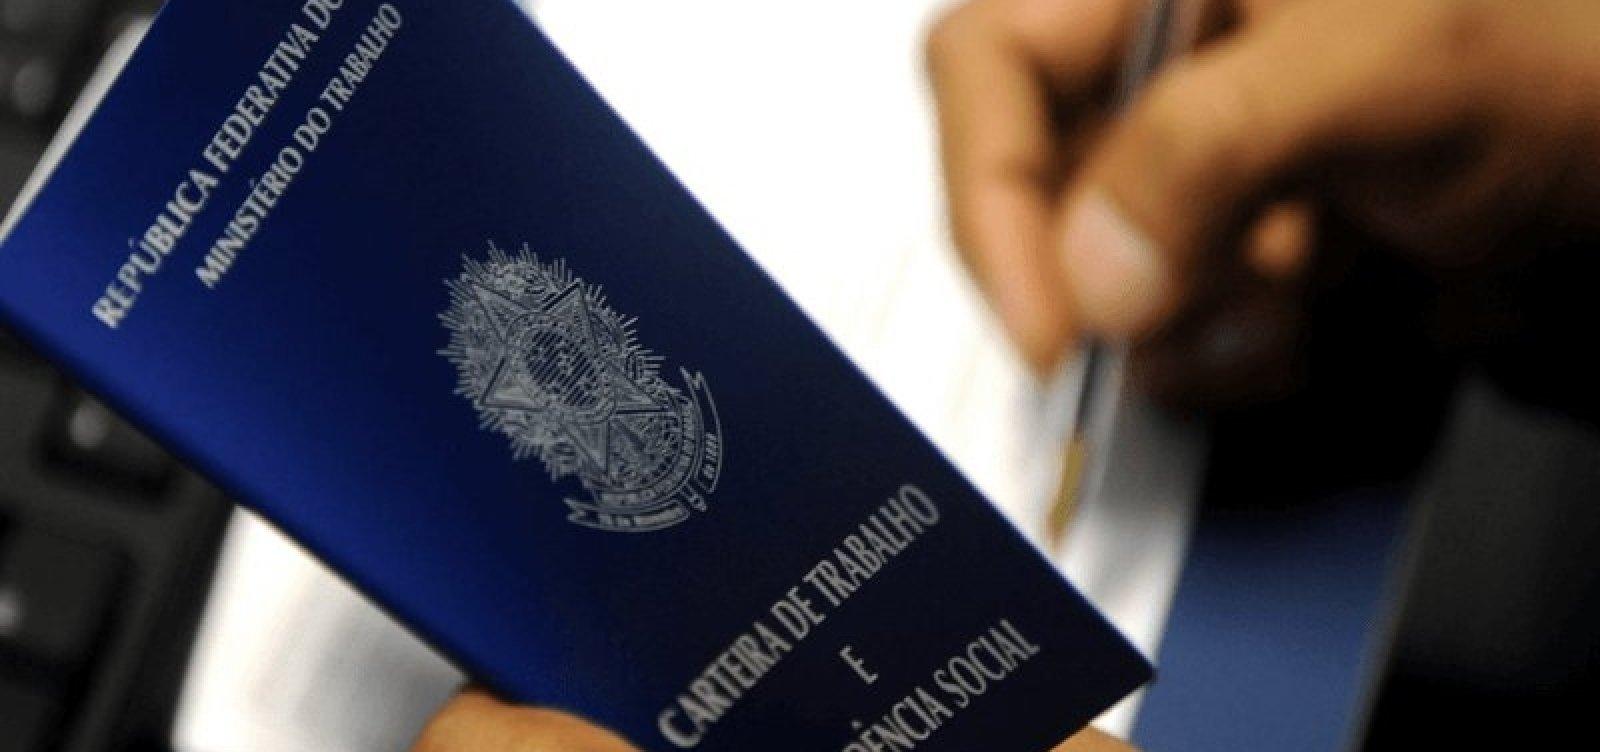 [Covid-19: pandemia deixa quase 10 milhões de brasileiros sem remuneração em maio]